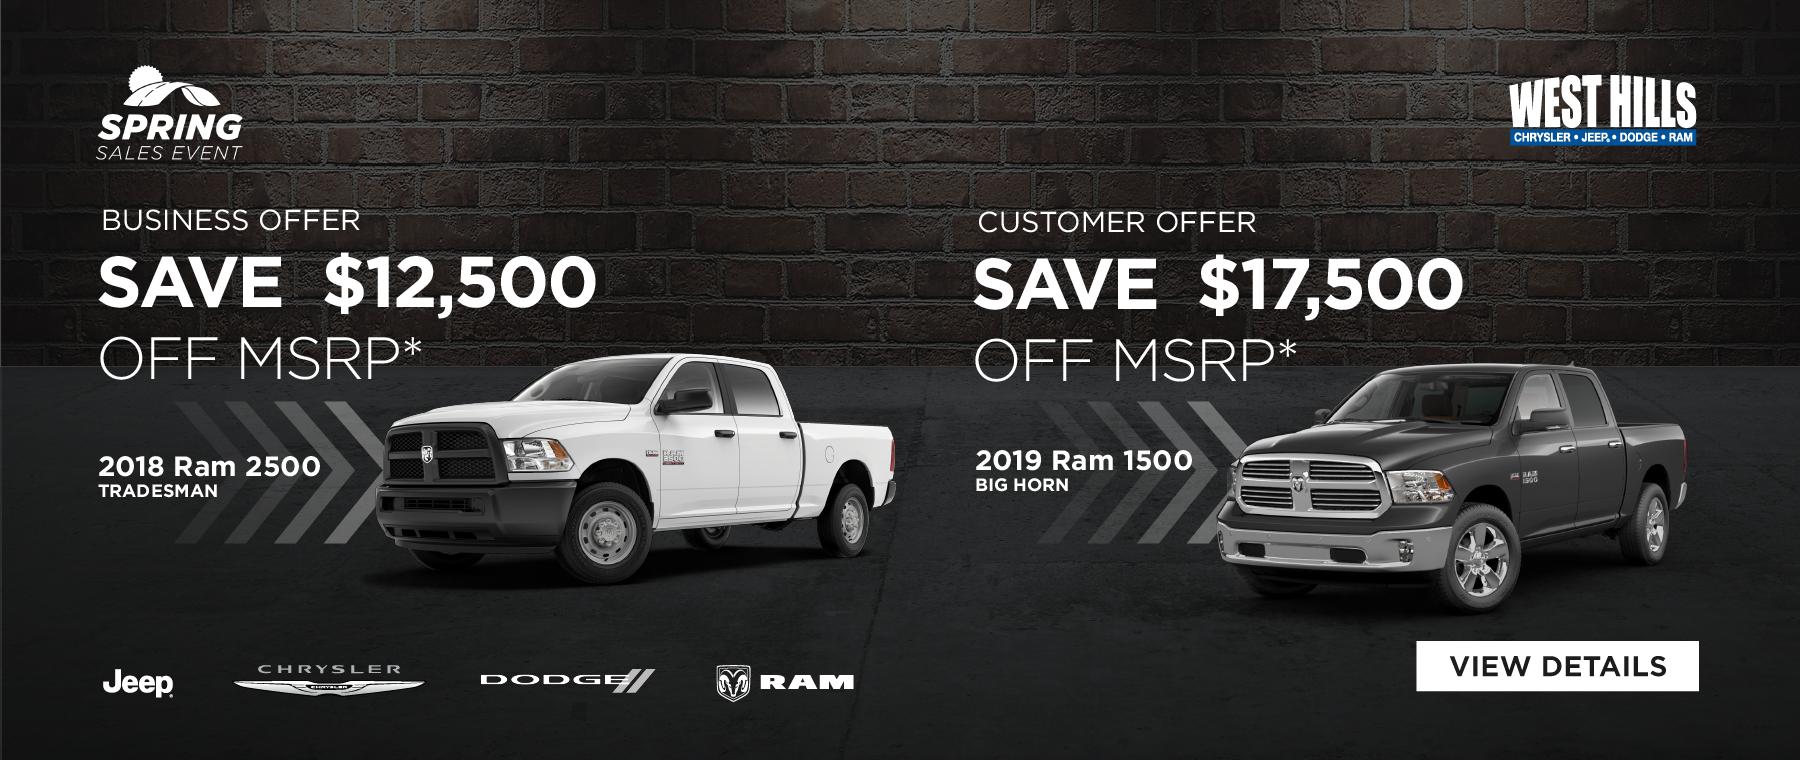 2019 RAM 1500 BIG HORN (Customer Offer) MSRP: $52,745 WHCJDR Discount: $7,700 Rebate: $9,800 Sale Price: $35,245* SAVE $17,500 OFF MSRP*